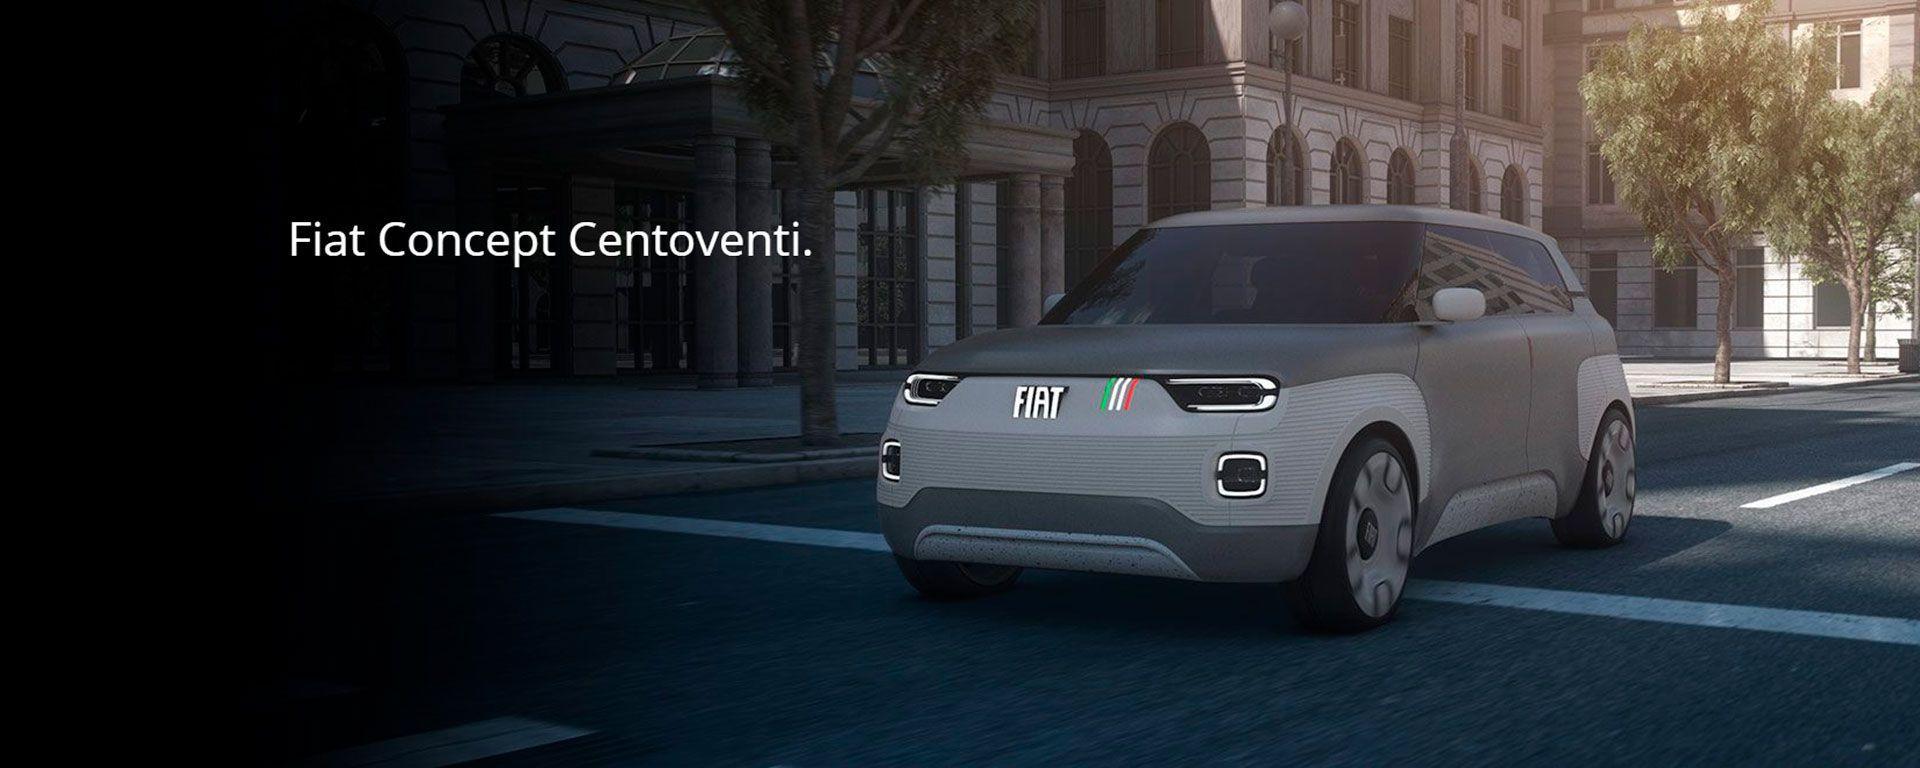 FIAT CONCEPT CENTOVENTI.